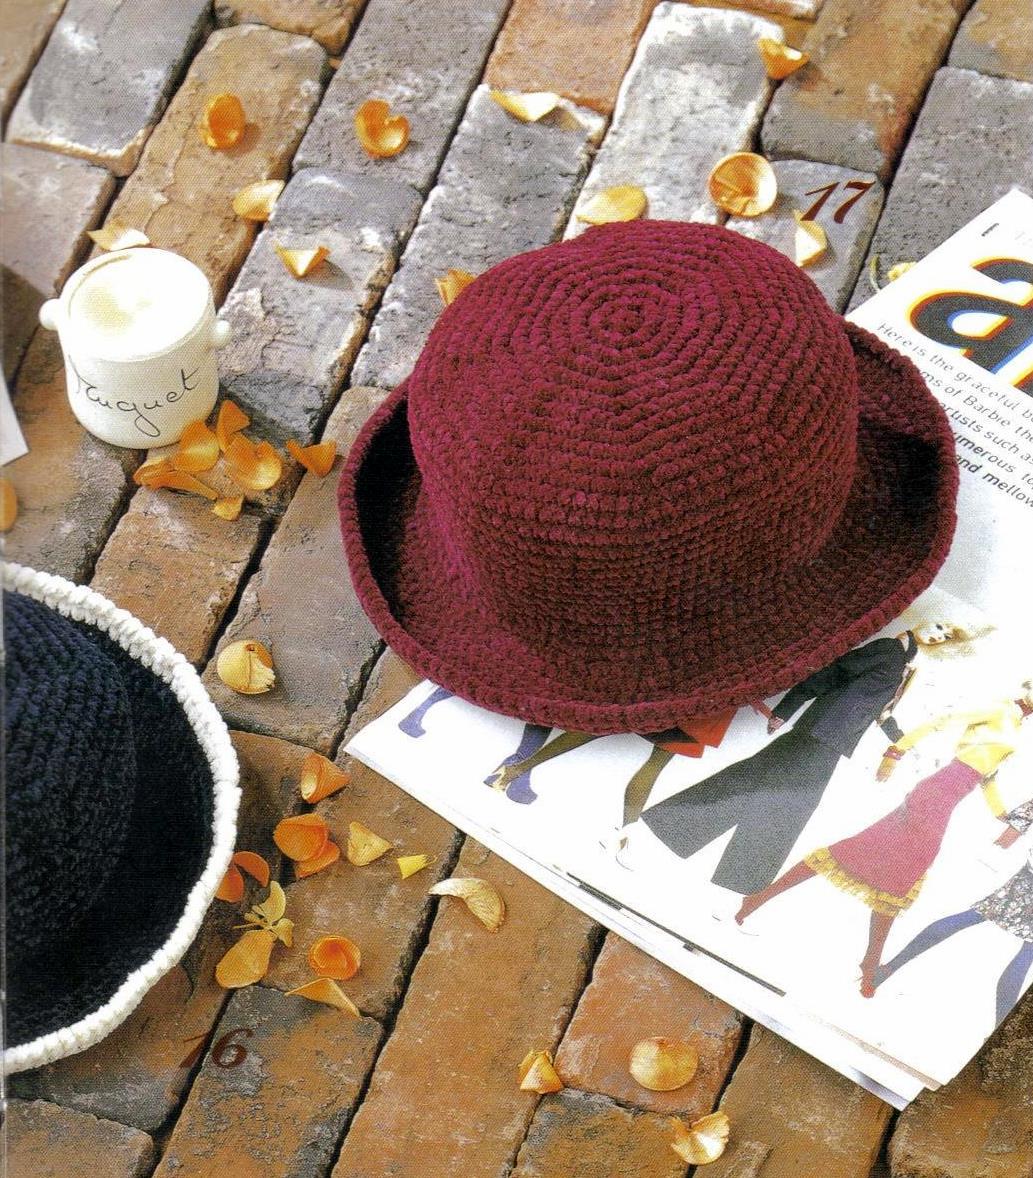 Gorro Bombin de Crochet Patron - Patrones Crochet | barrets ...